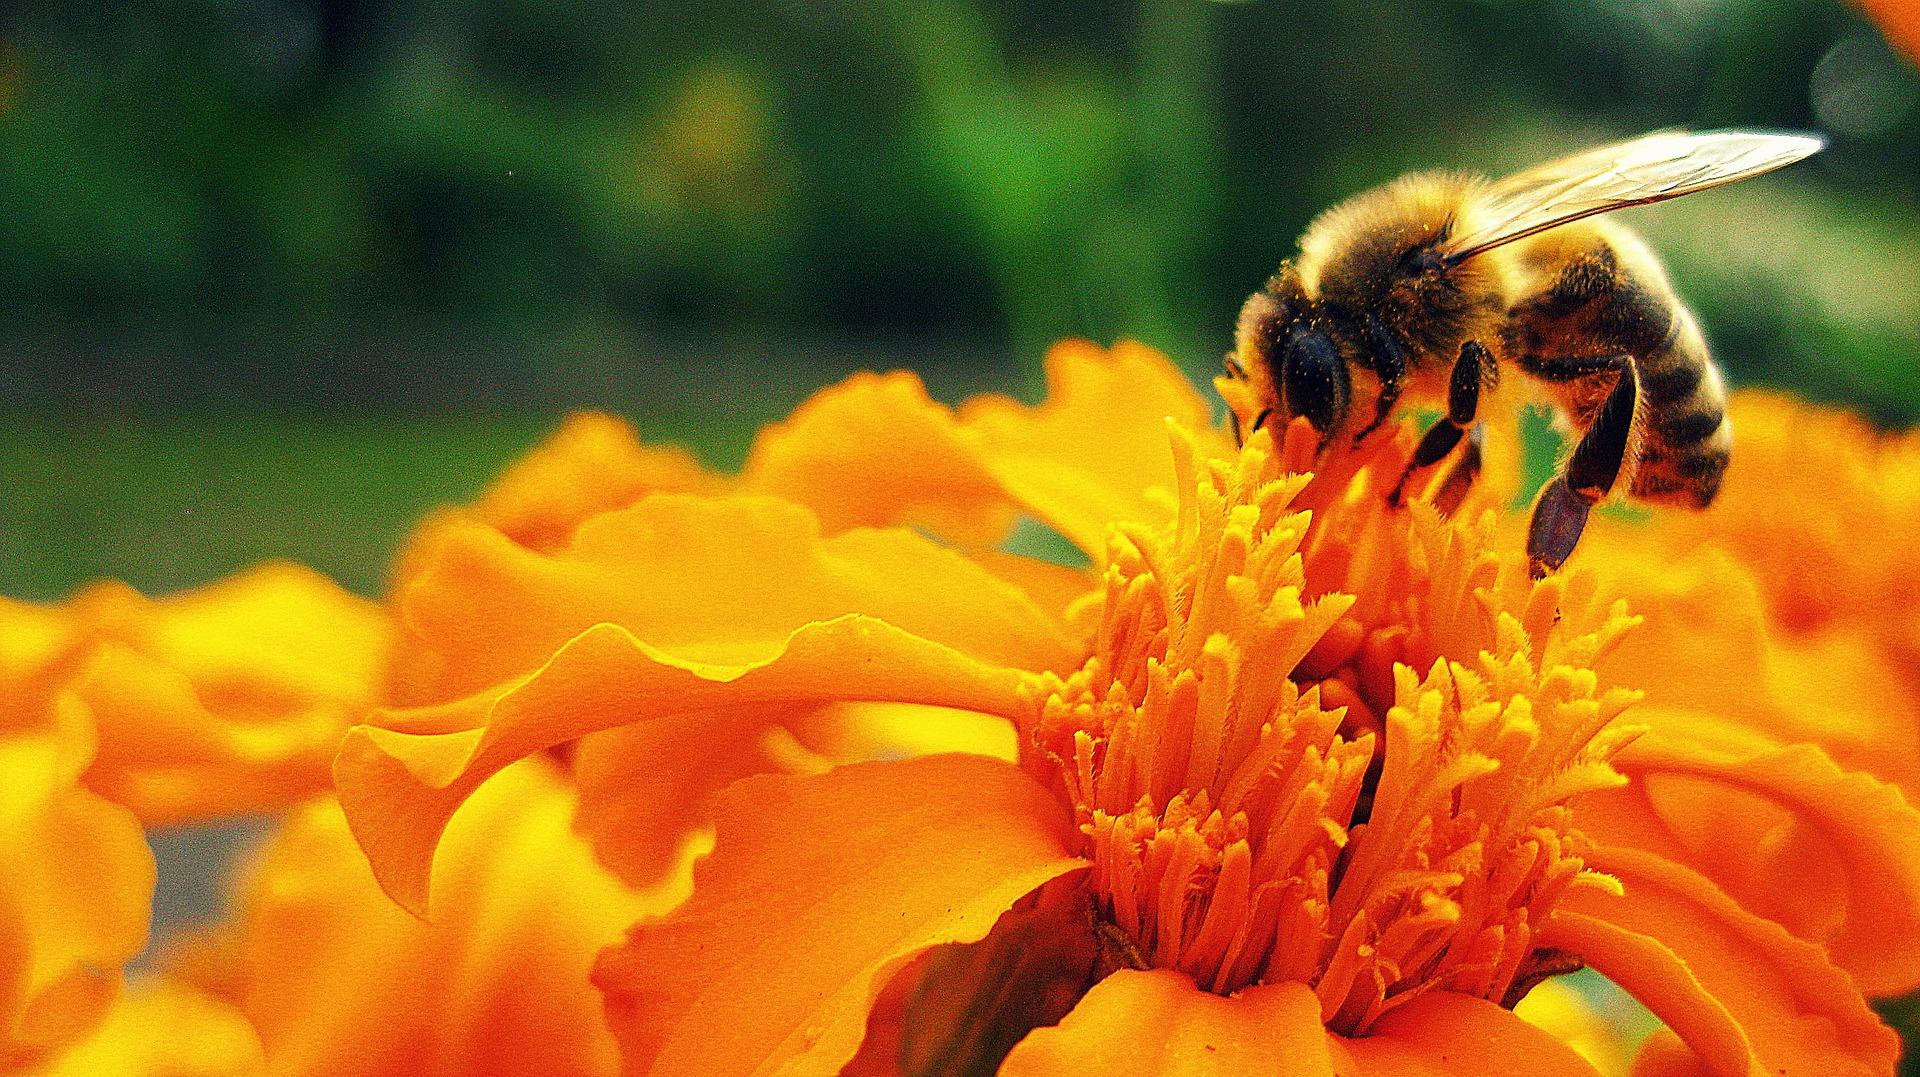 Nahaufnahme einer mit Pollen bedeckten Biene, die auf einer kräftig orangefarbenen Blüte sitzt.